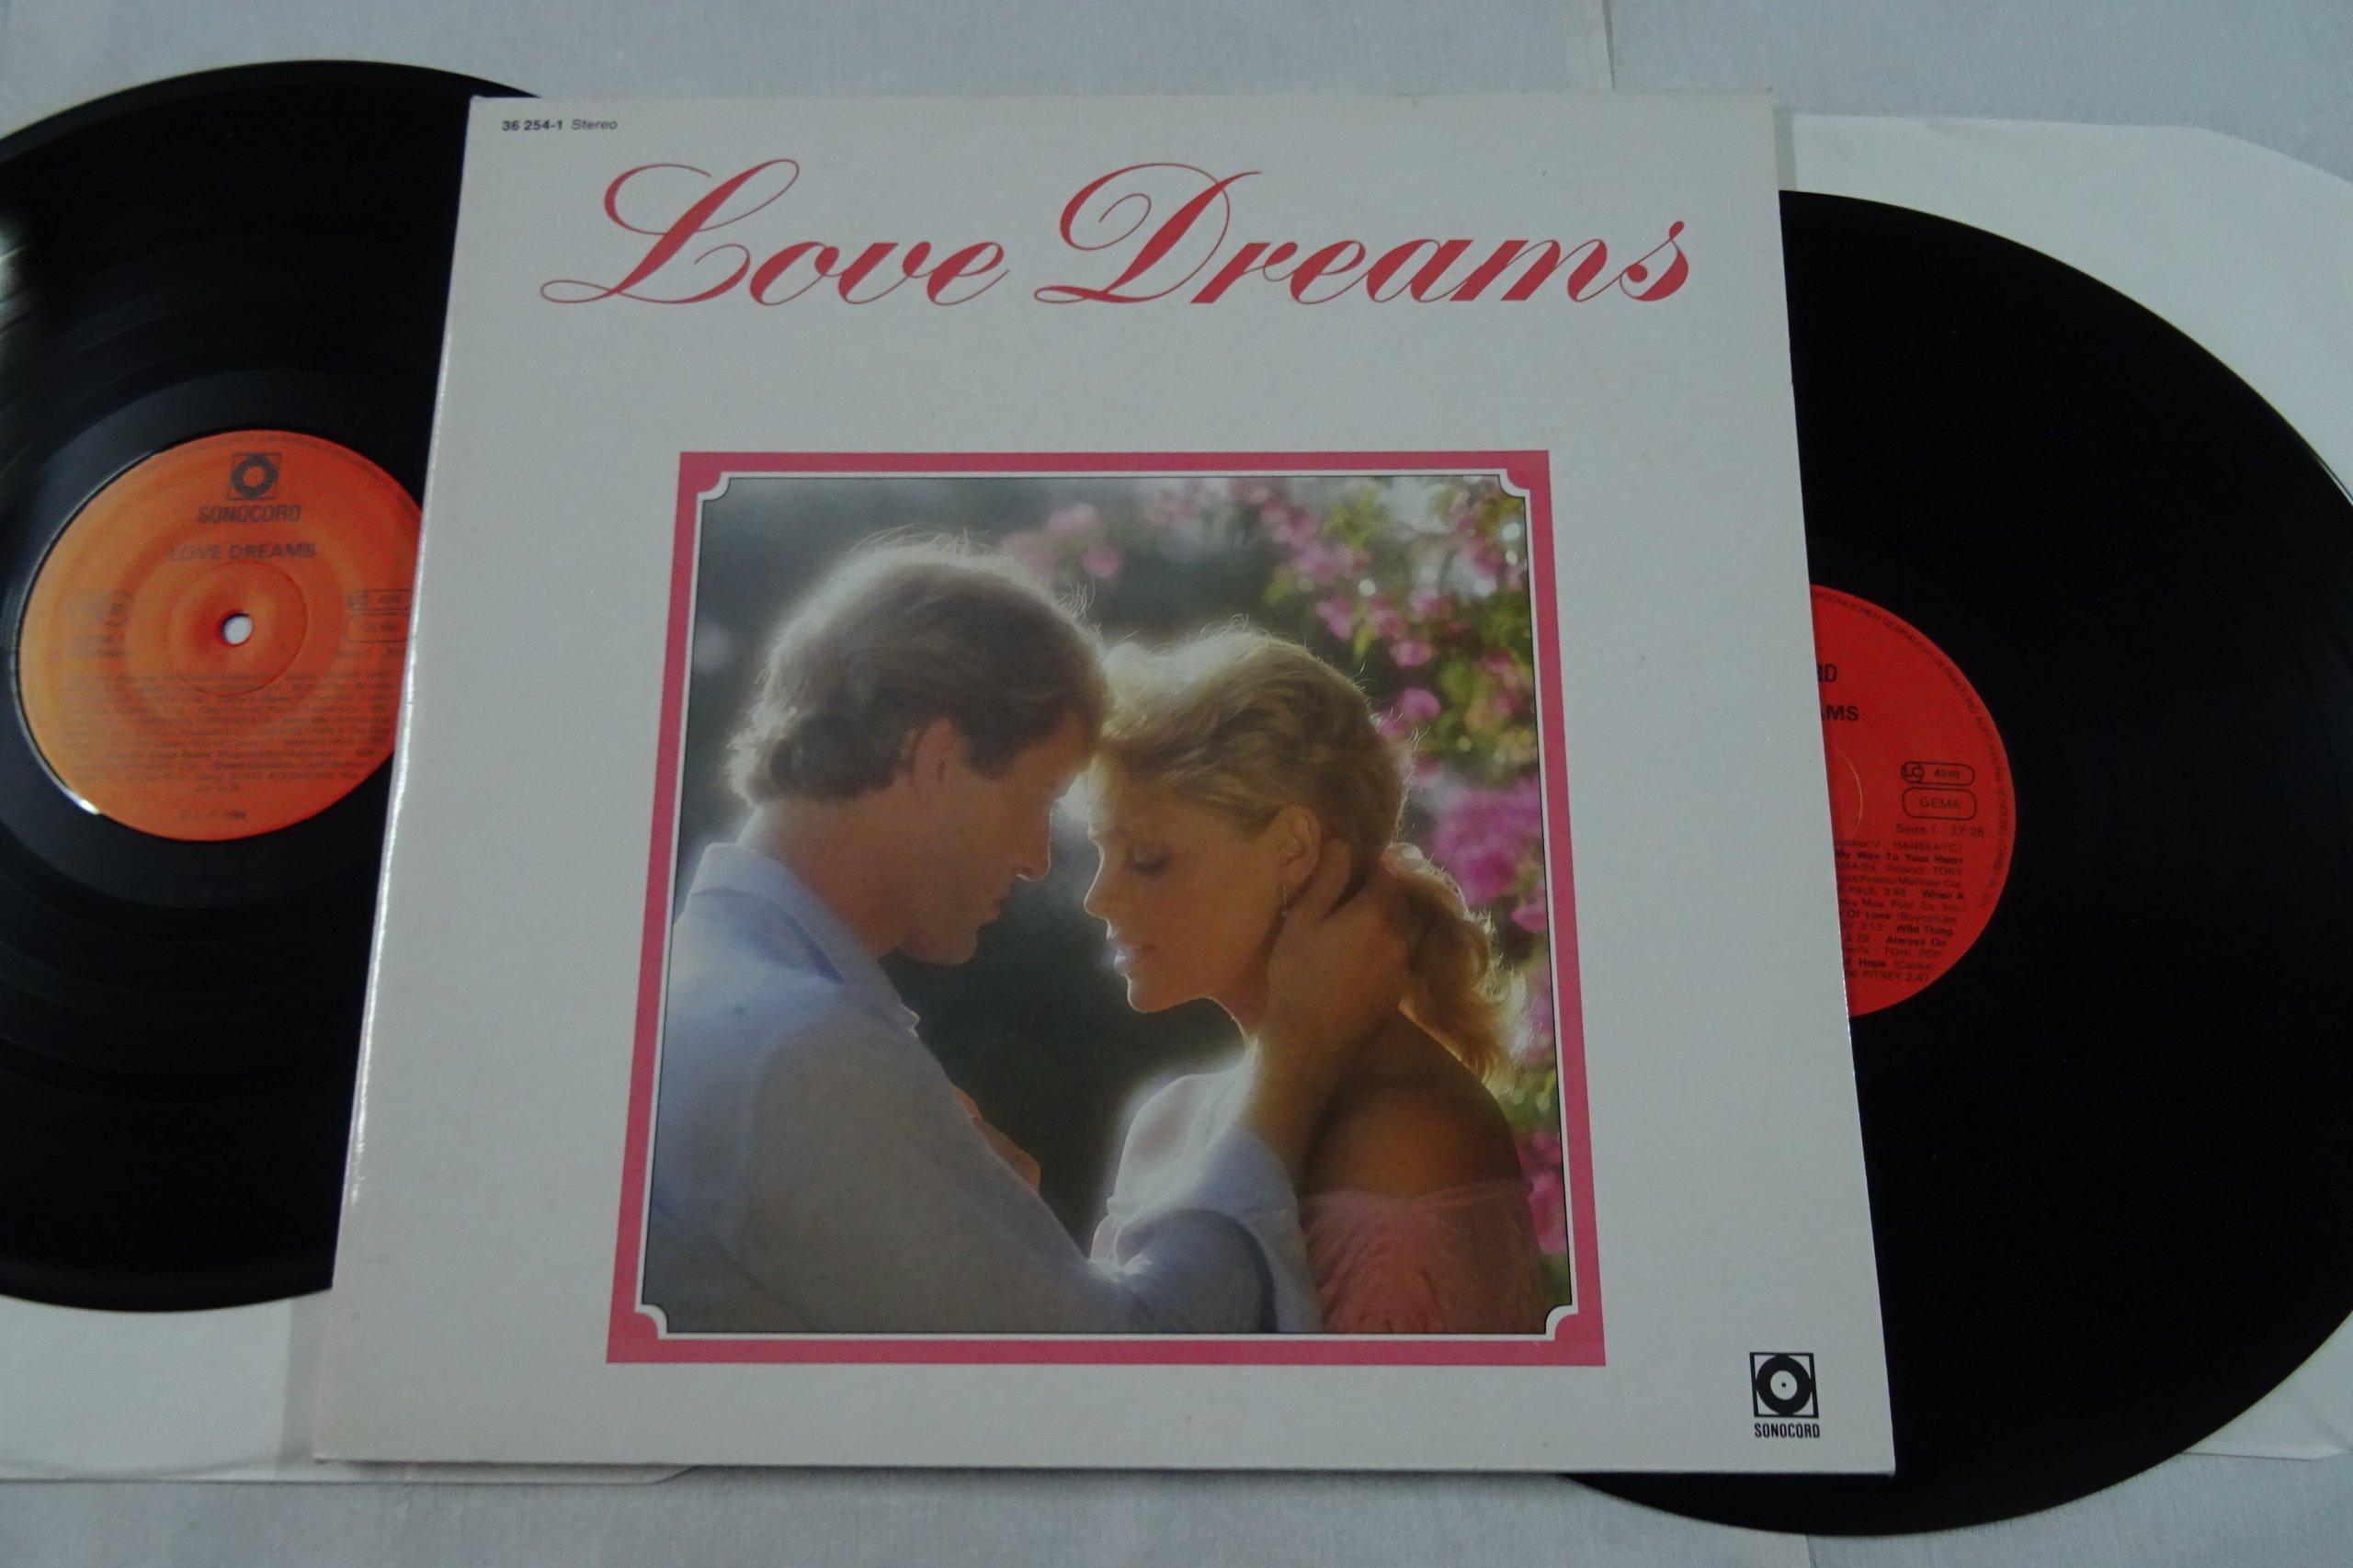 LOVE DREAMS 2LP 1461